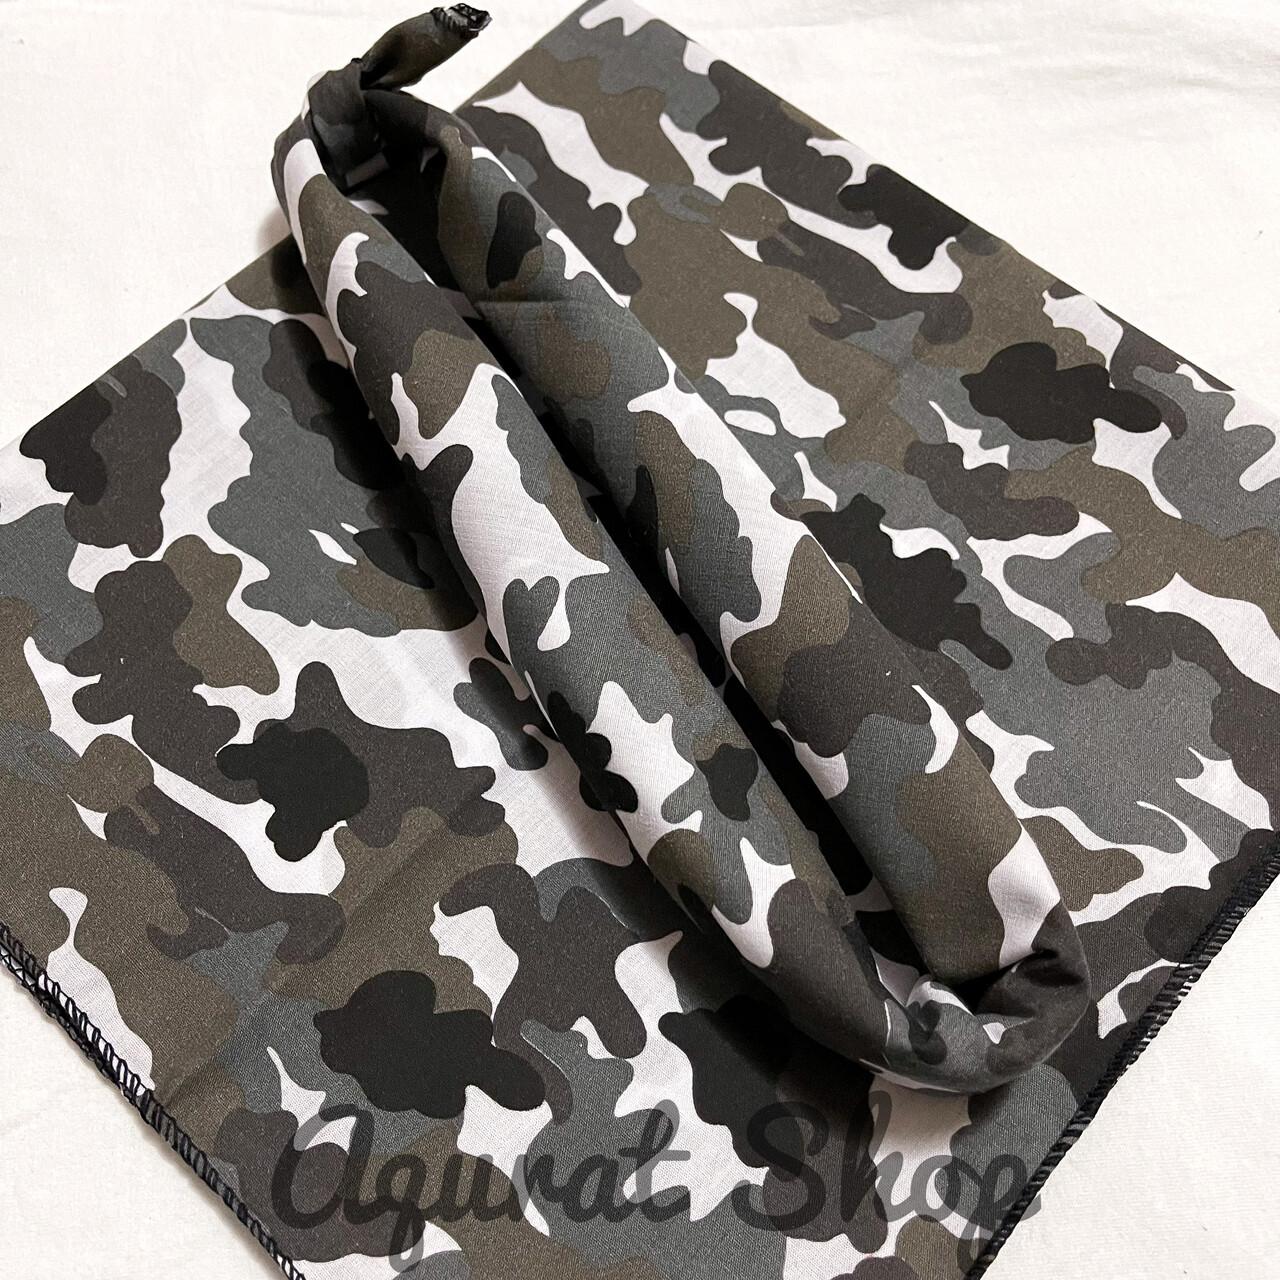 ผ้าโผกหัว ผ้าพันคอ ผ้าเช็ดหน้าวินเทจ ขนาด54x54 พร้อมส่ง‼️‼️